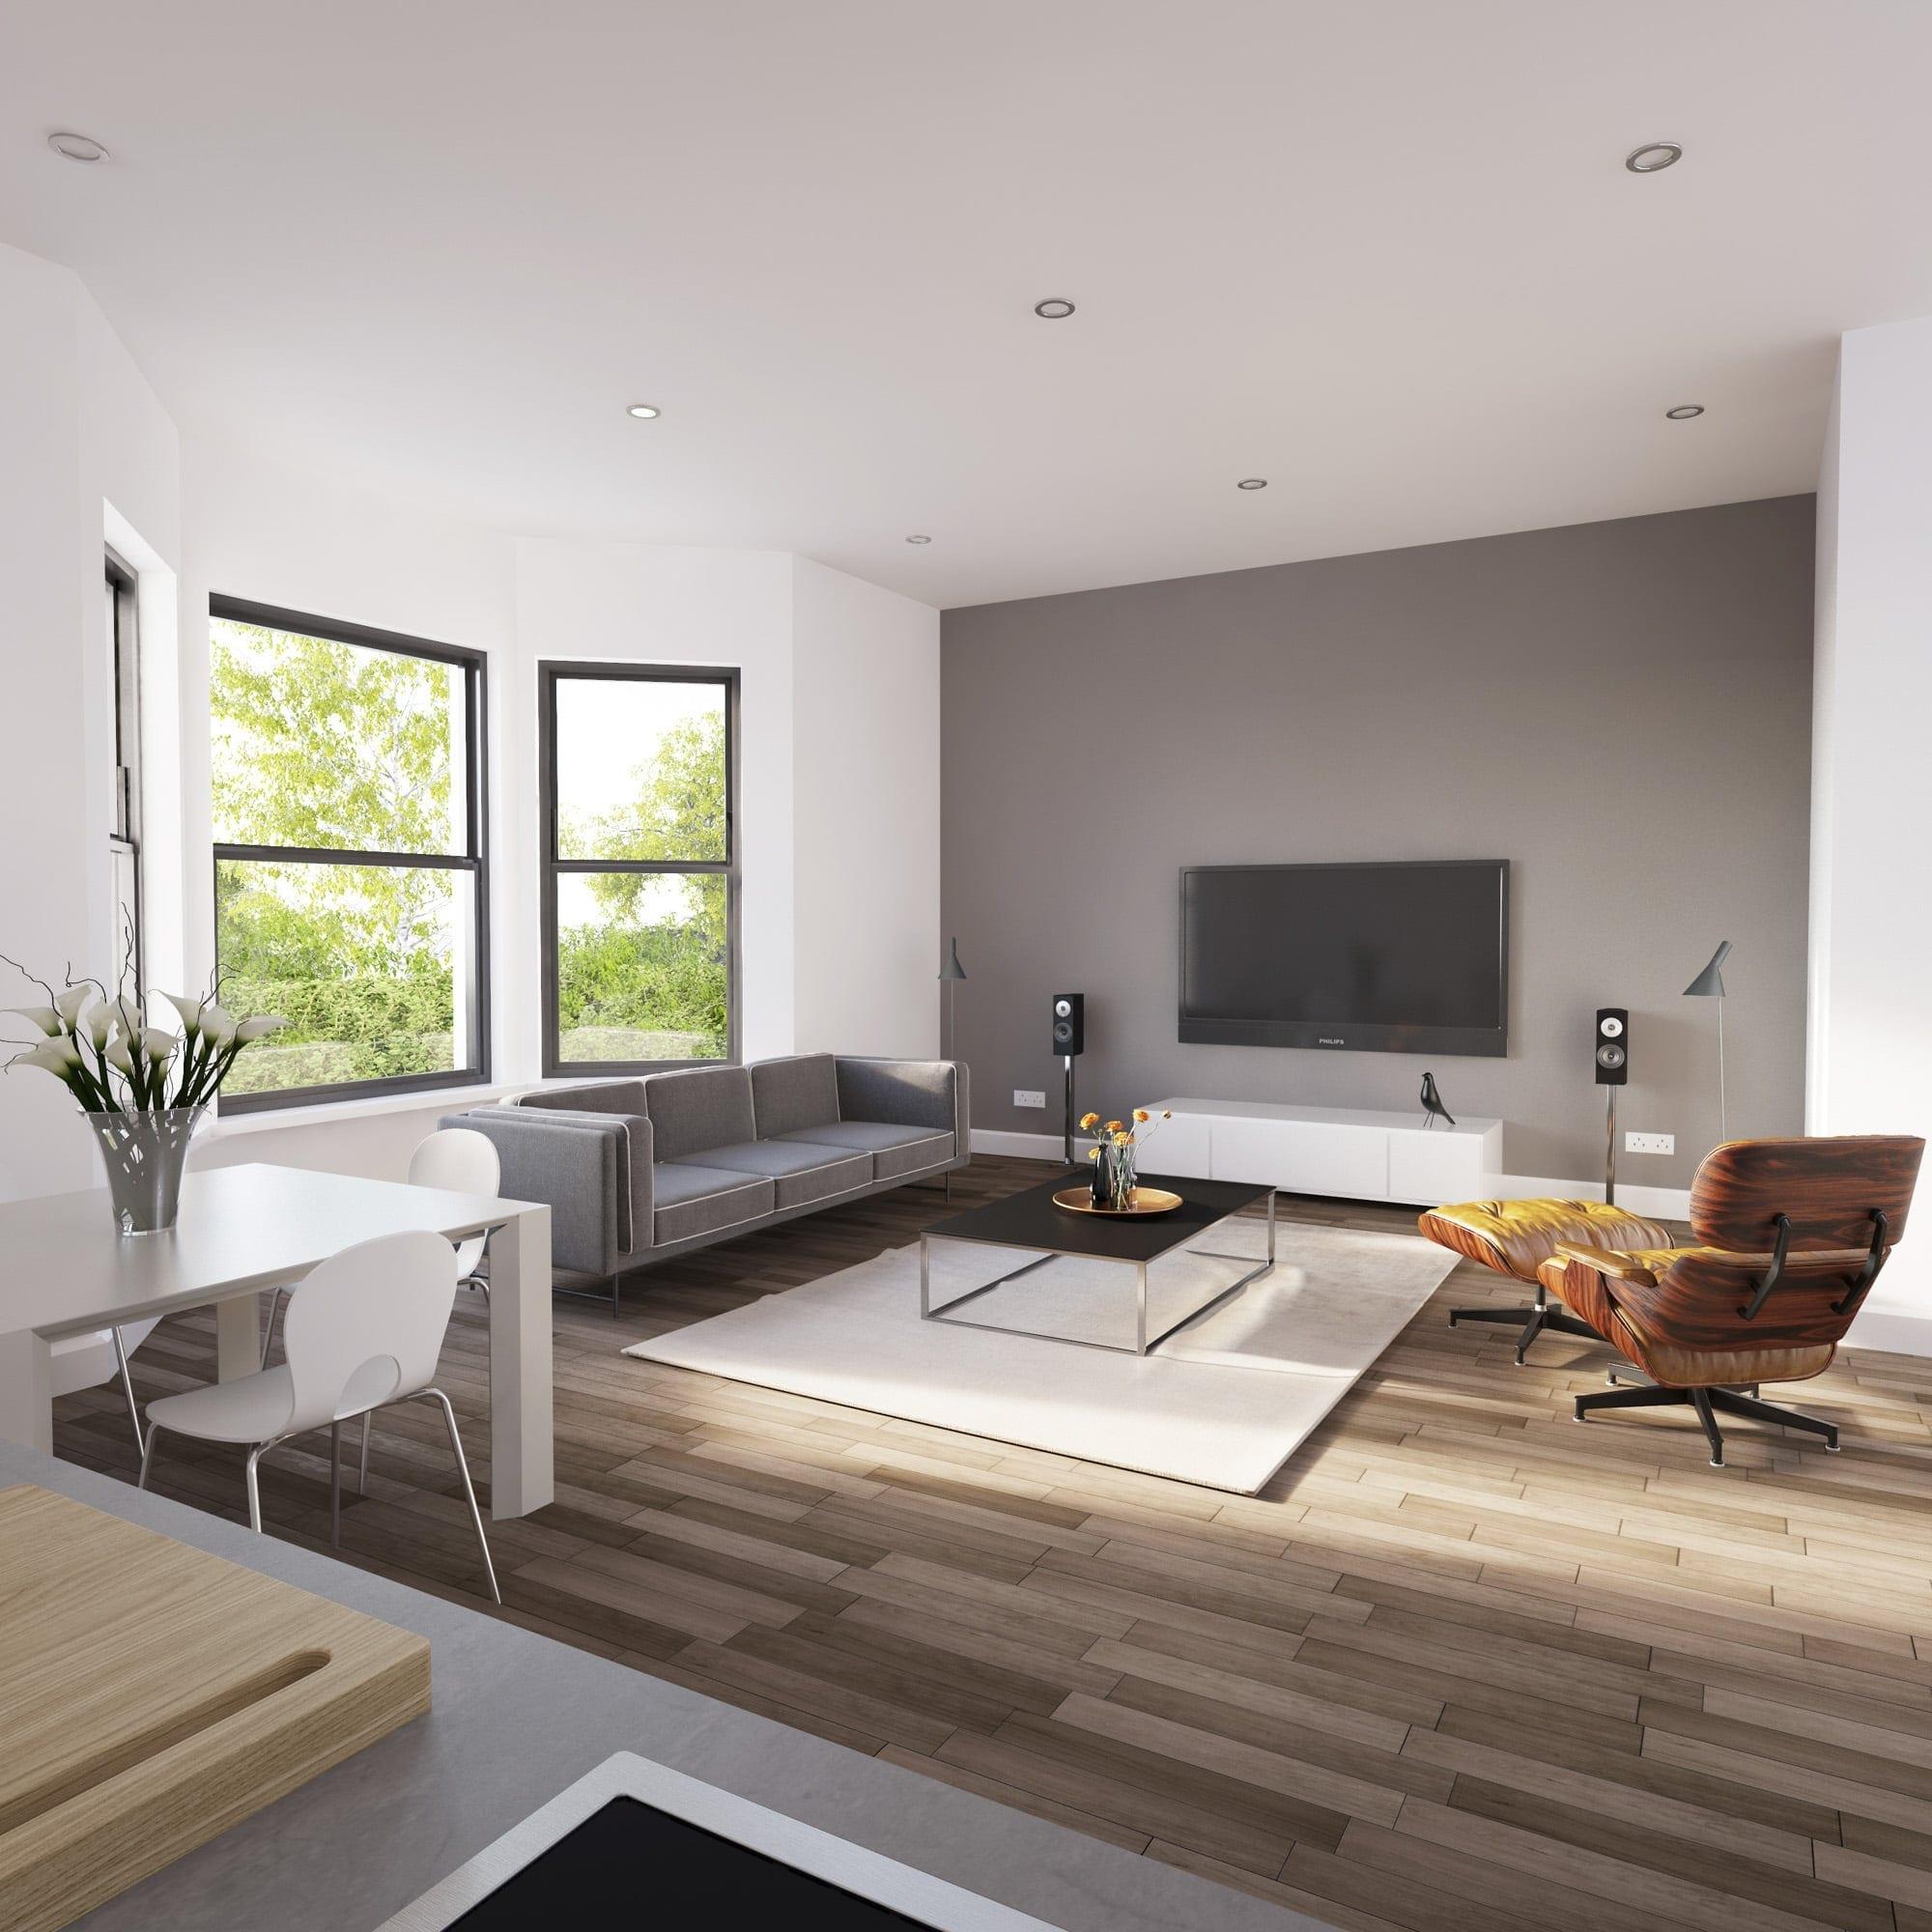 Queens Terrace Image 03